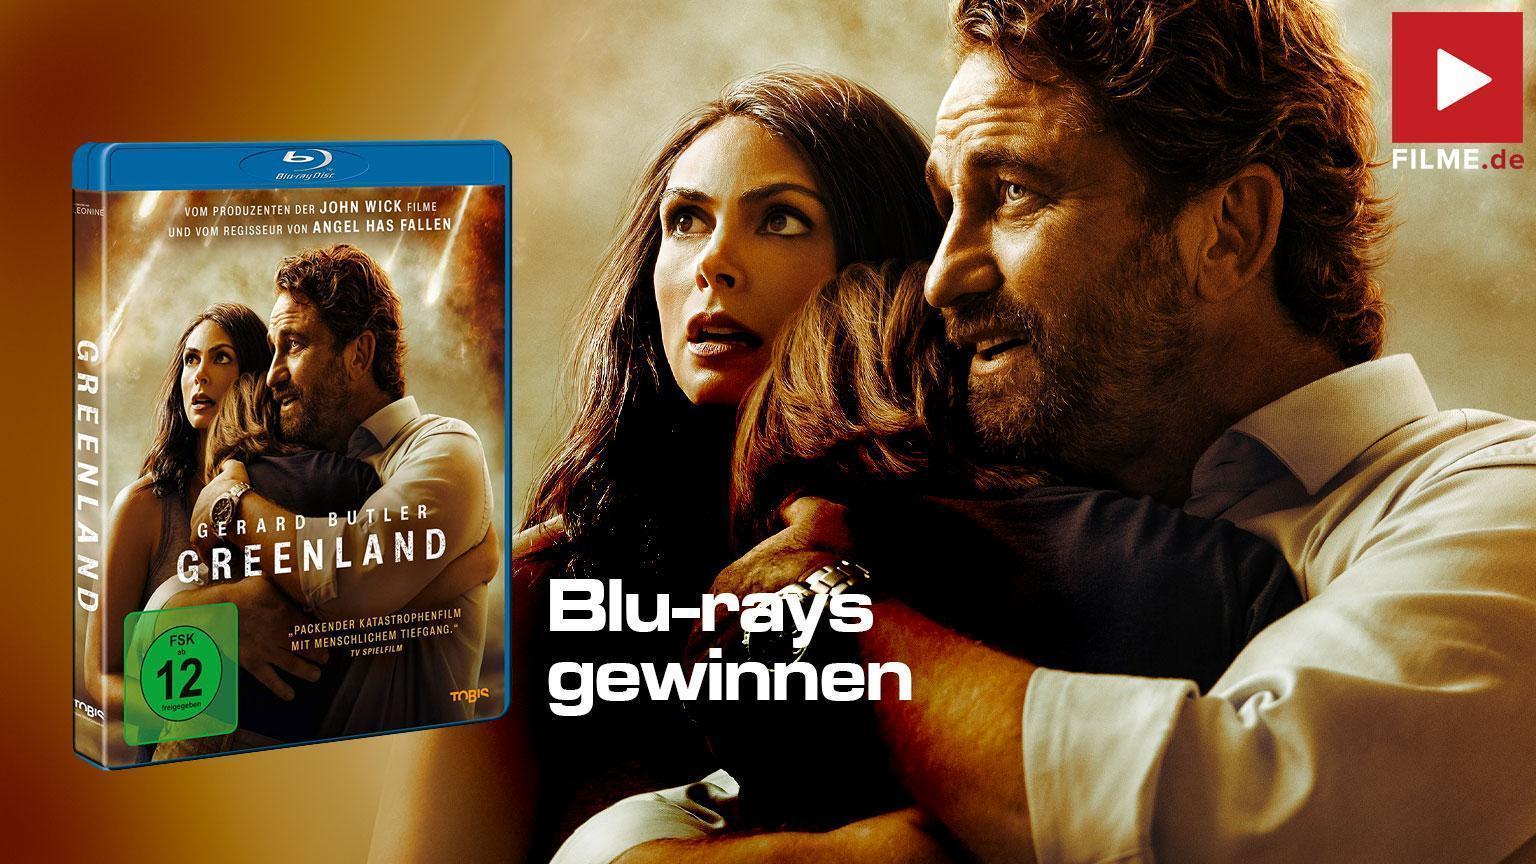 Greenland Film 2021 Blu-ray DVD Gewinnspiel gewinnen Artikelbild